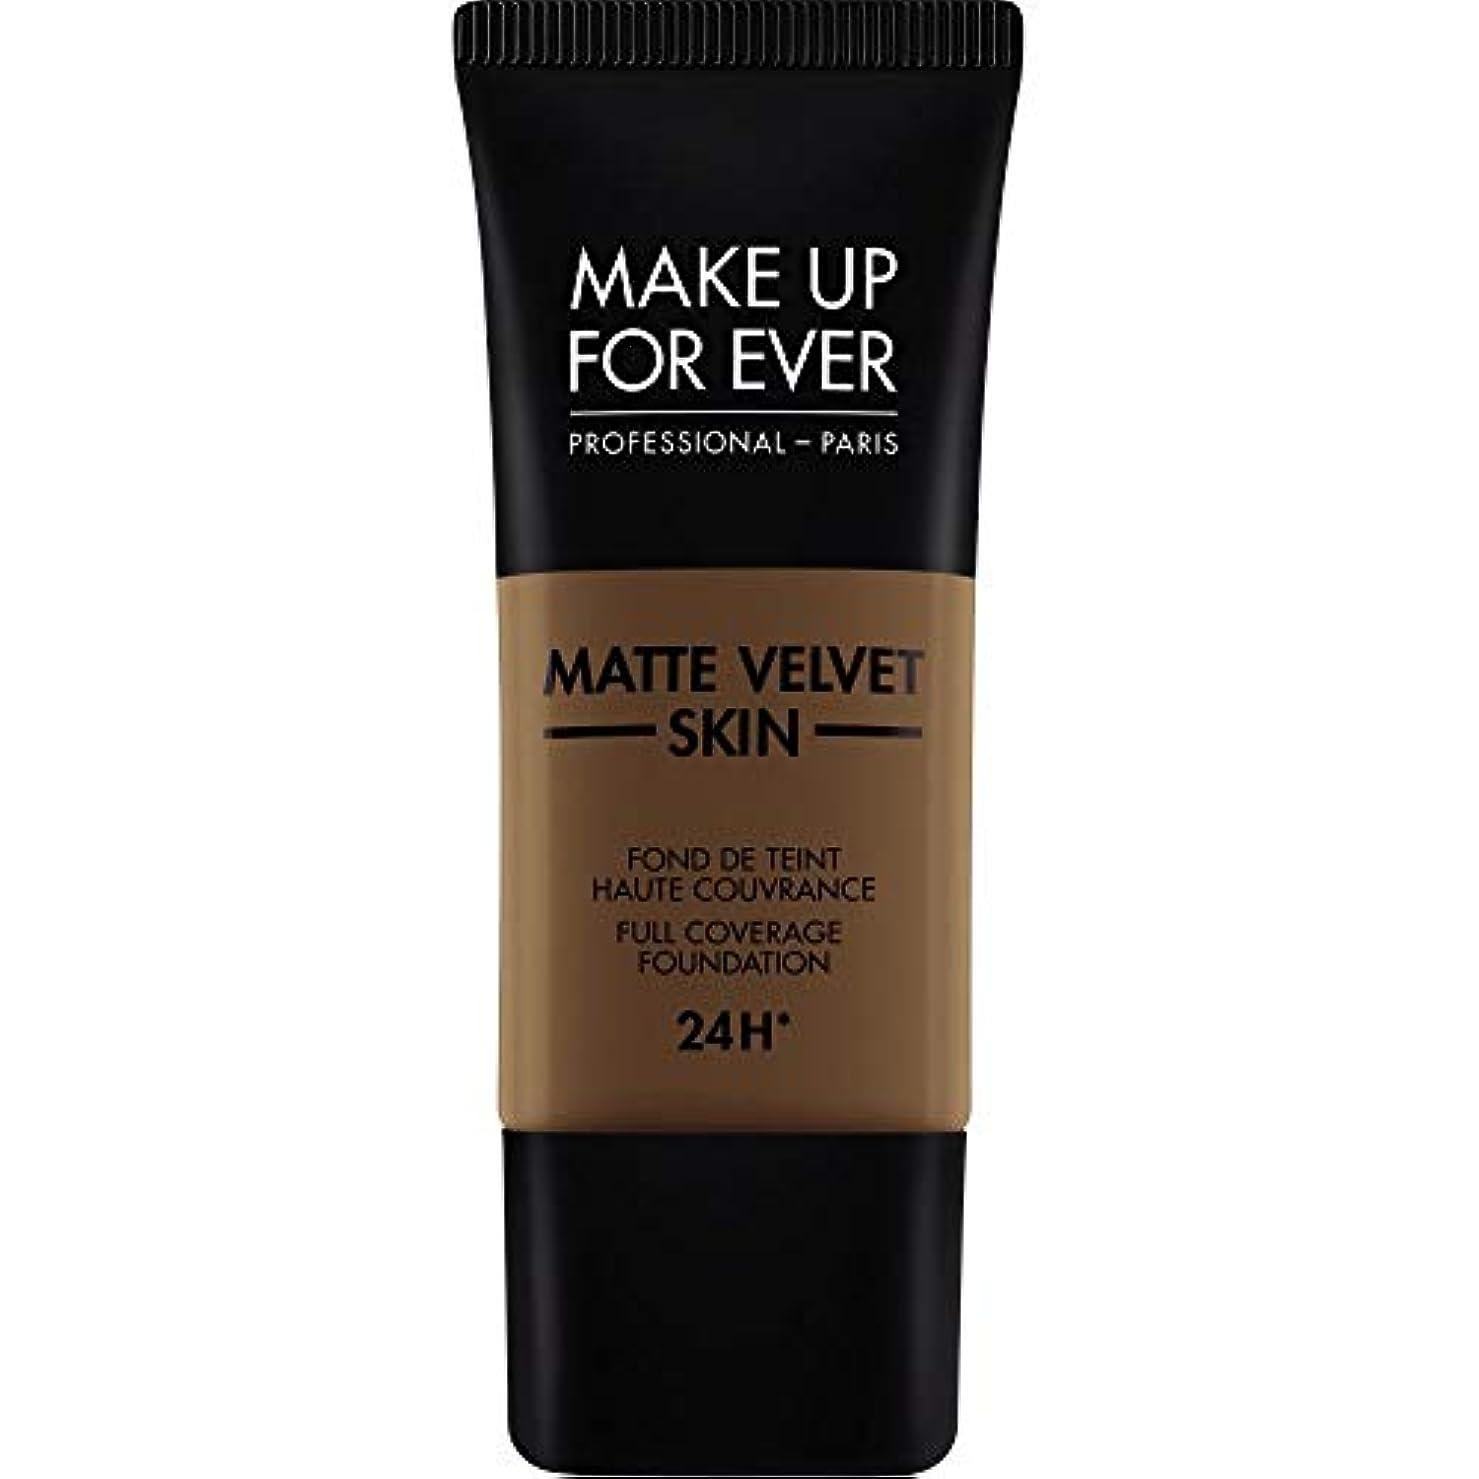 民兵疾患求人[MAKE UP FOR EVER ] ダークブラウン - これまでマットベルベットの皮膚のフルカバレッジ基礎30ミリリットルのR540を補います - MAKE UP FOR EVER Matte Velvet Skin...